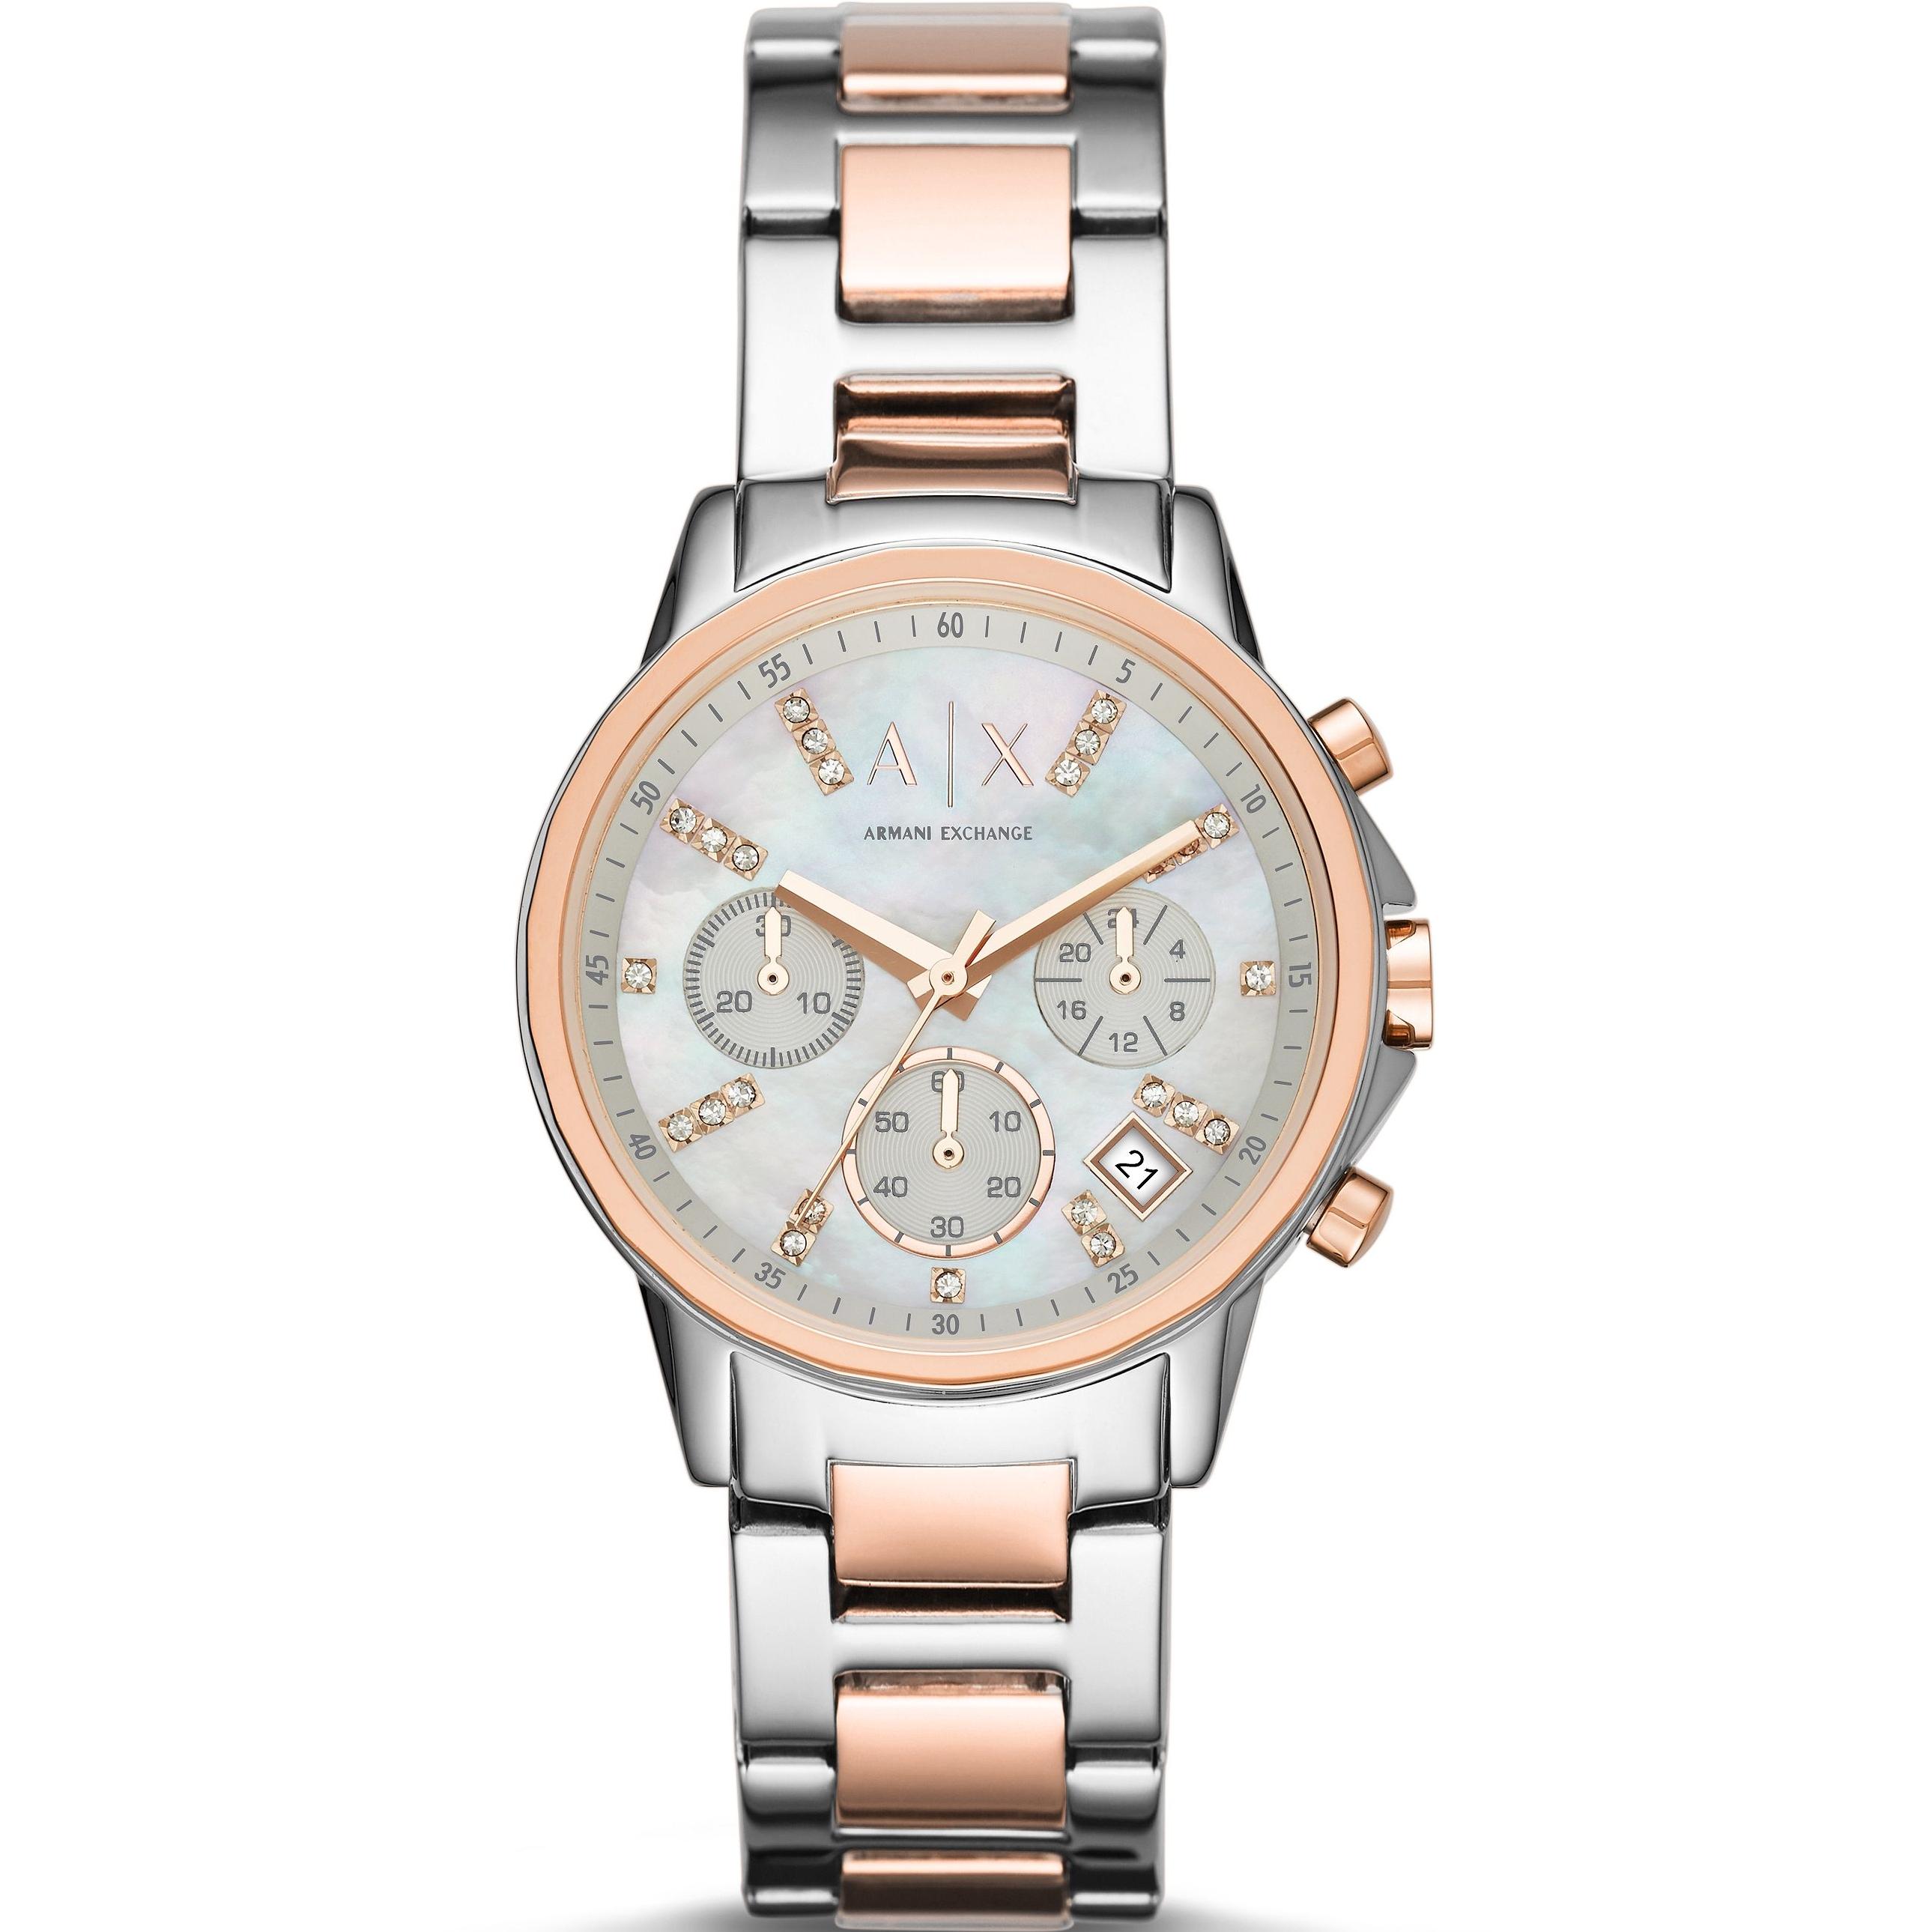 df4211e90ce135 Montre Chronographe Femme Armani Exchange AX4331   FR   Watch Shop™